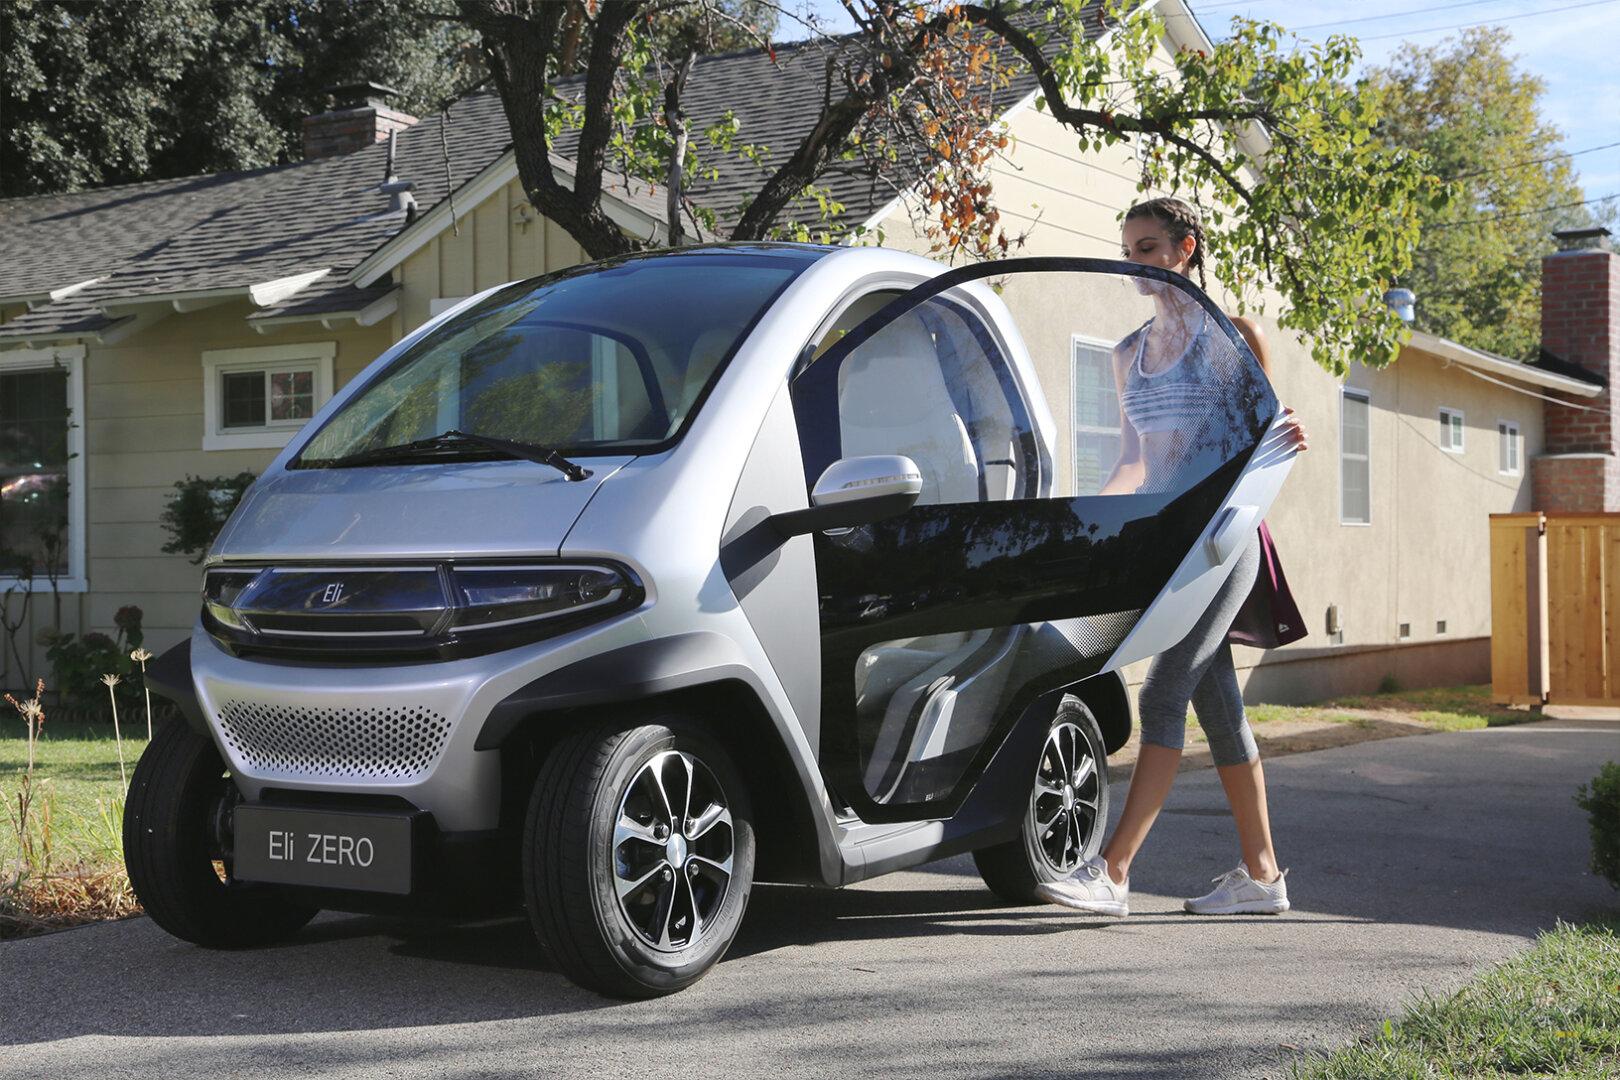 Silberner Eli Zero Elektroauto